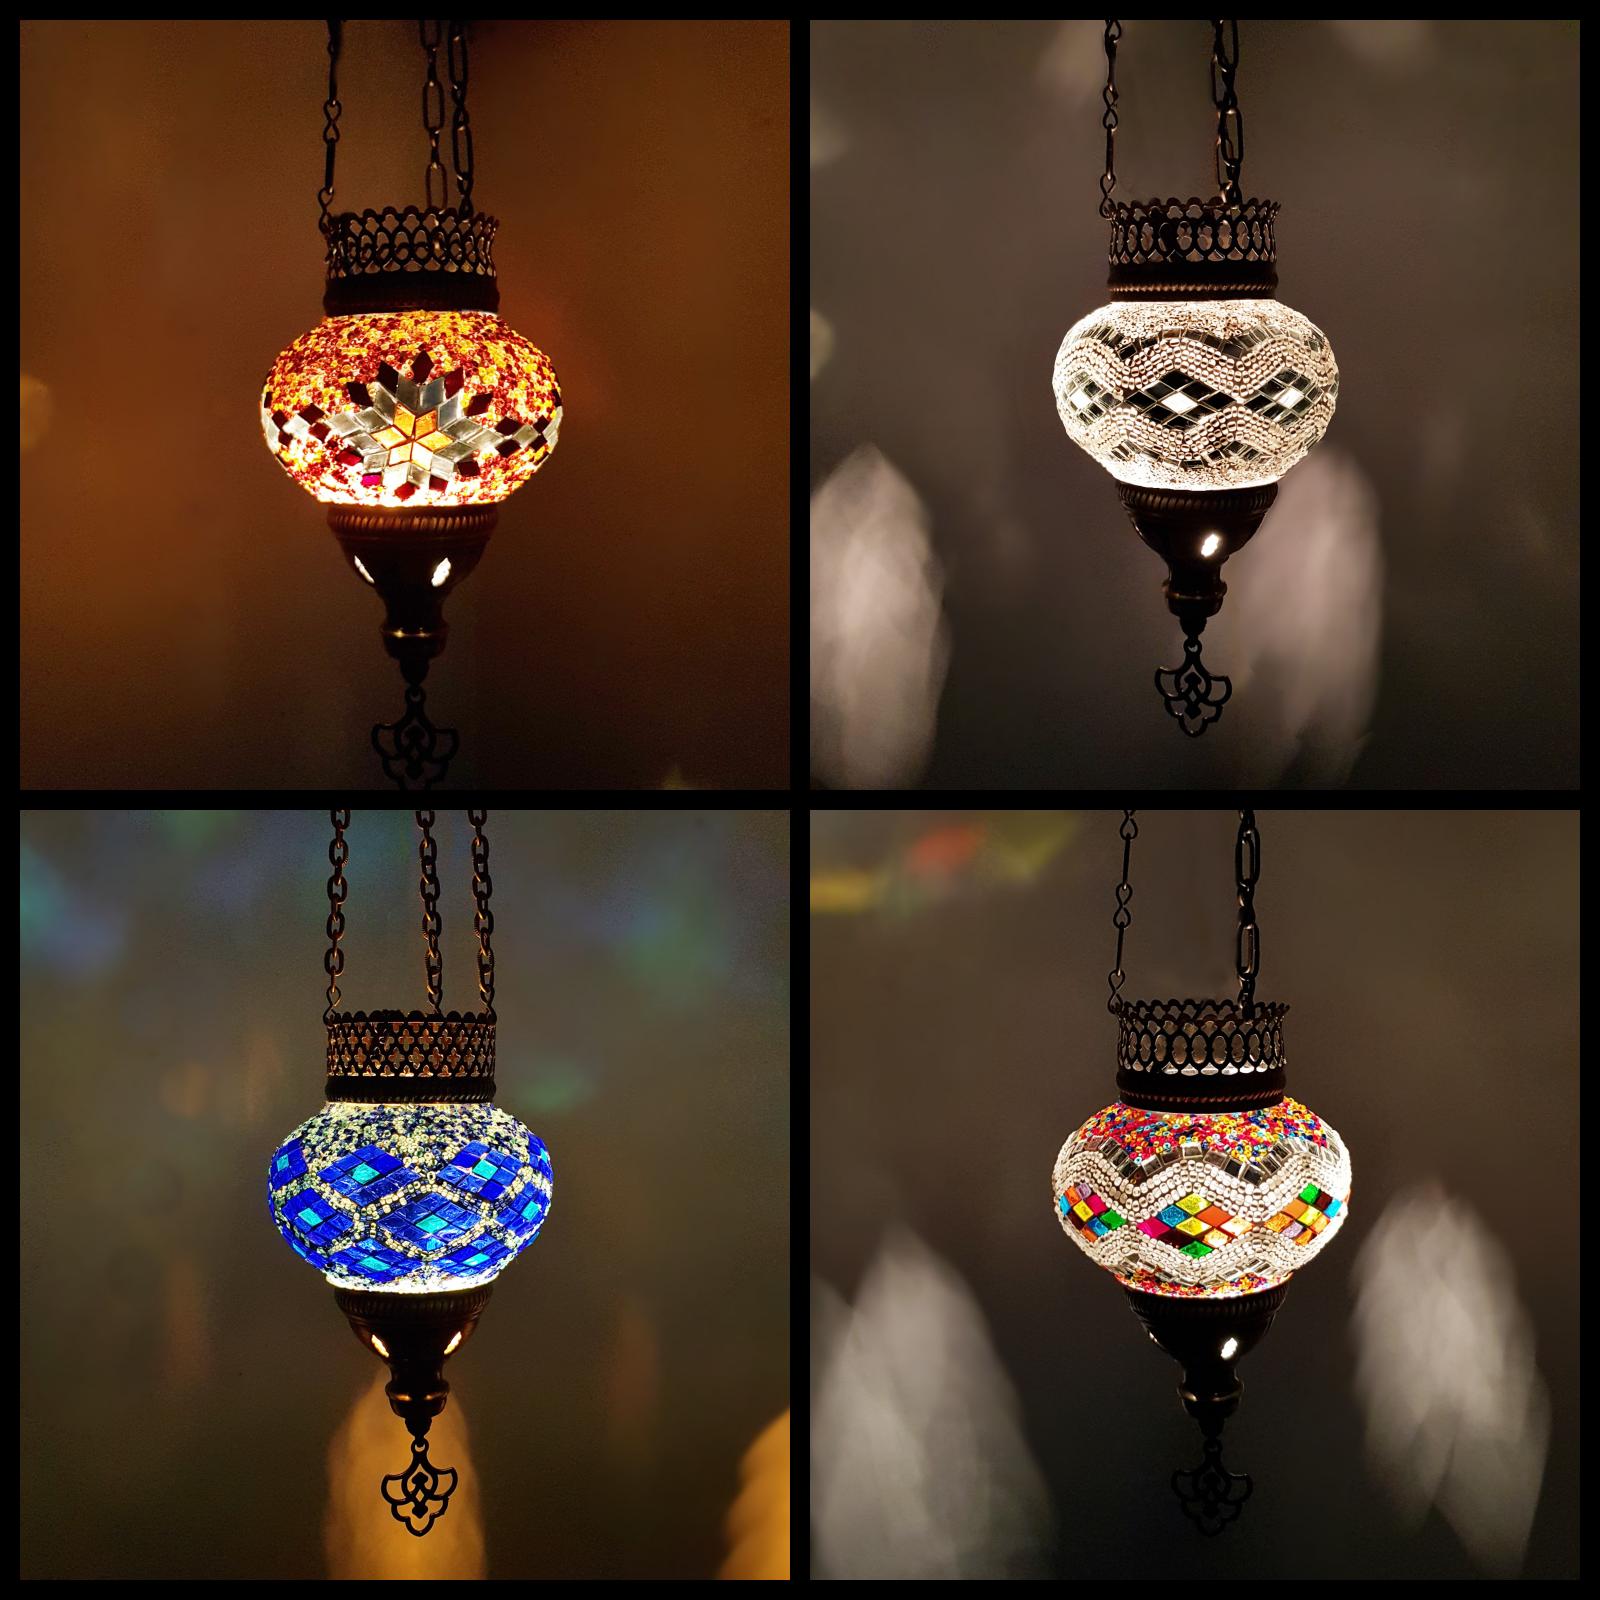 100+ Best Antique Lighting Chandeliers images in 2020